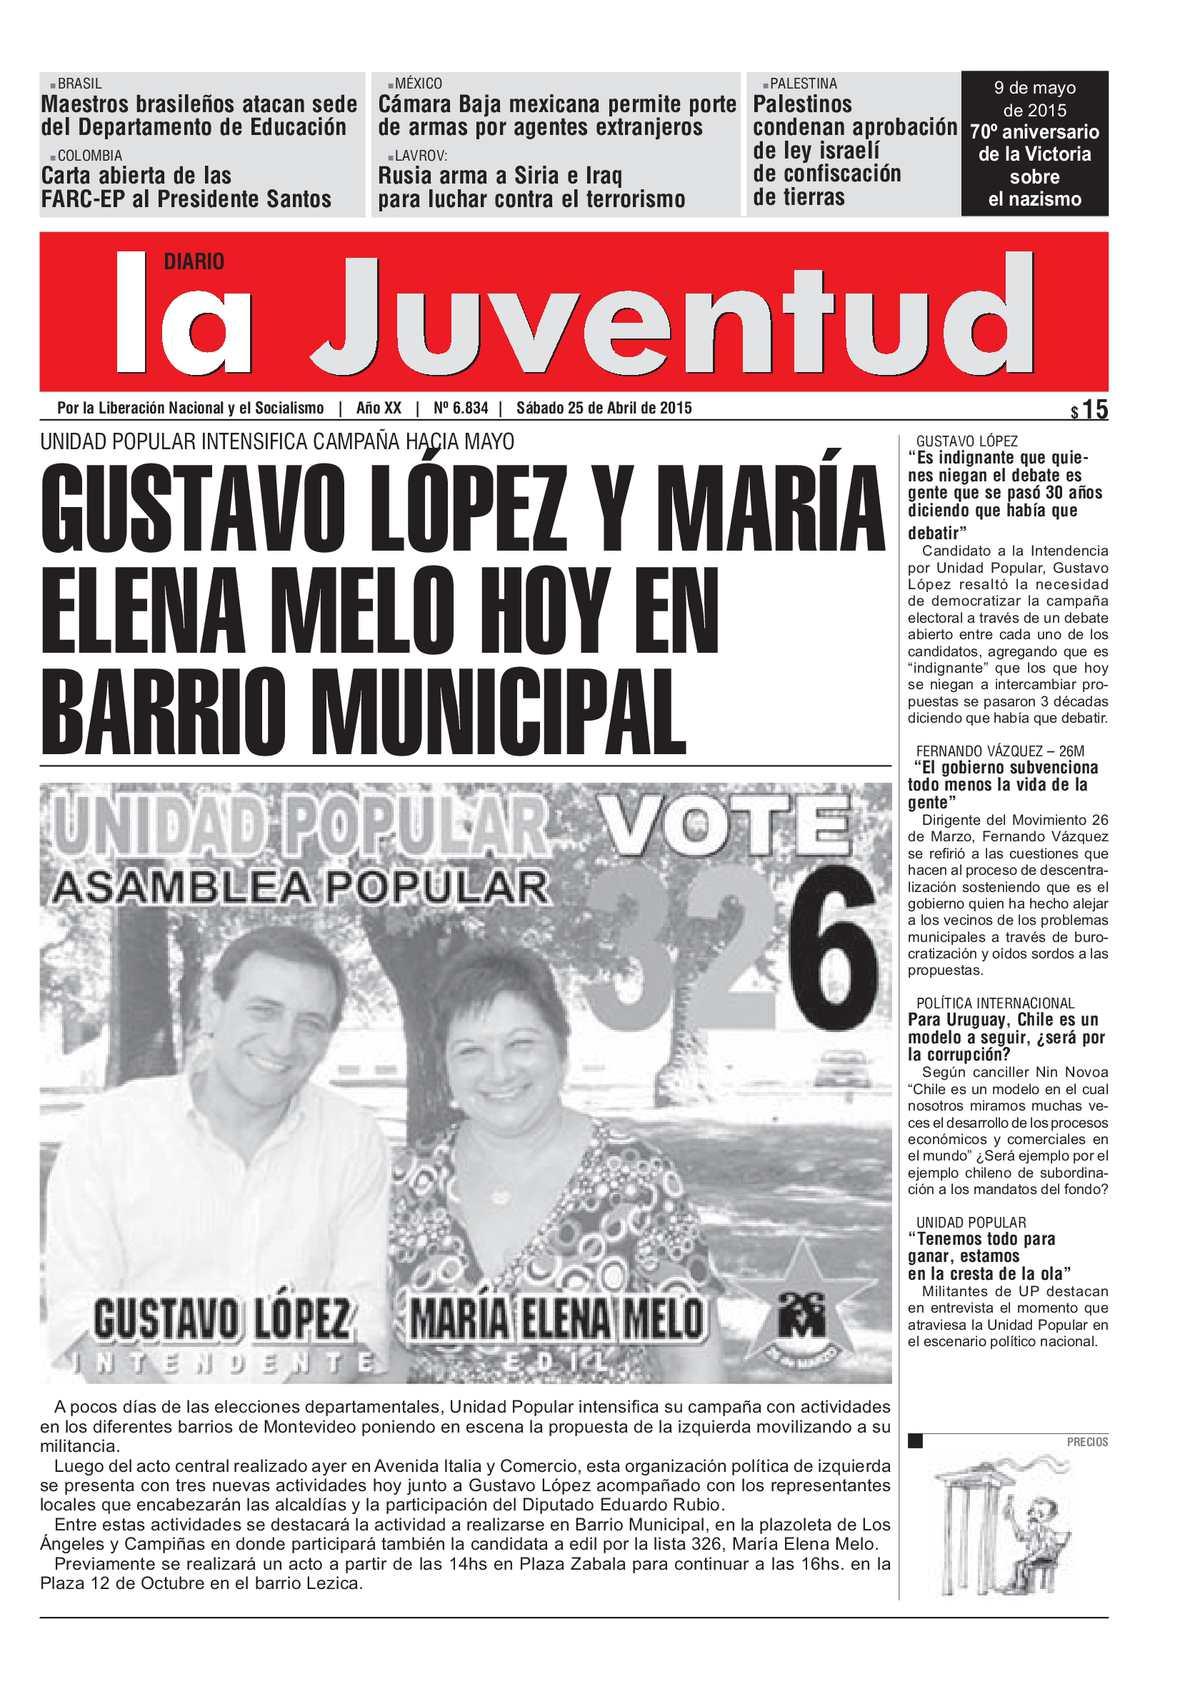 Calaméo - GUSTAVO LÓPEZ Y MARÍA ELENA MELO HOY EN BARRIO MUNICIPAL